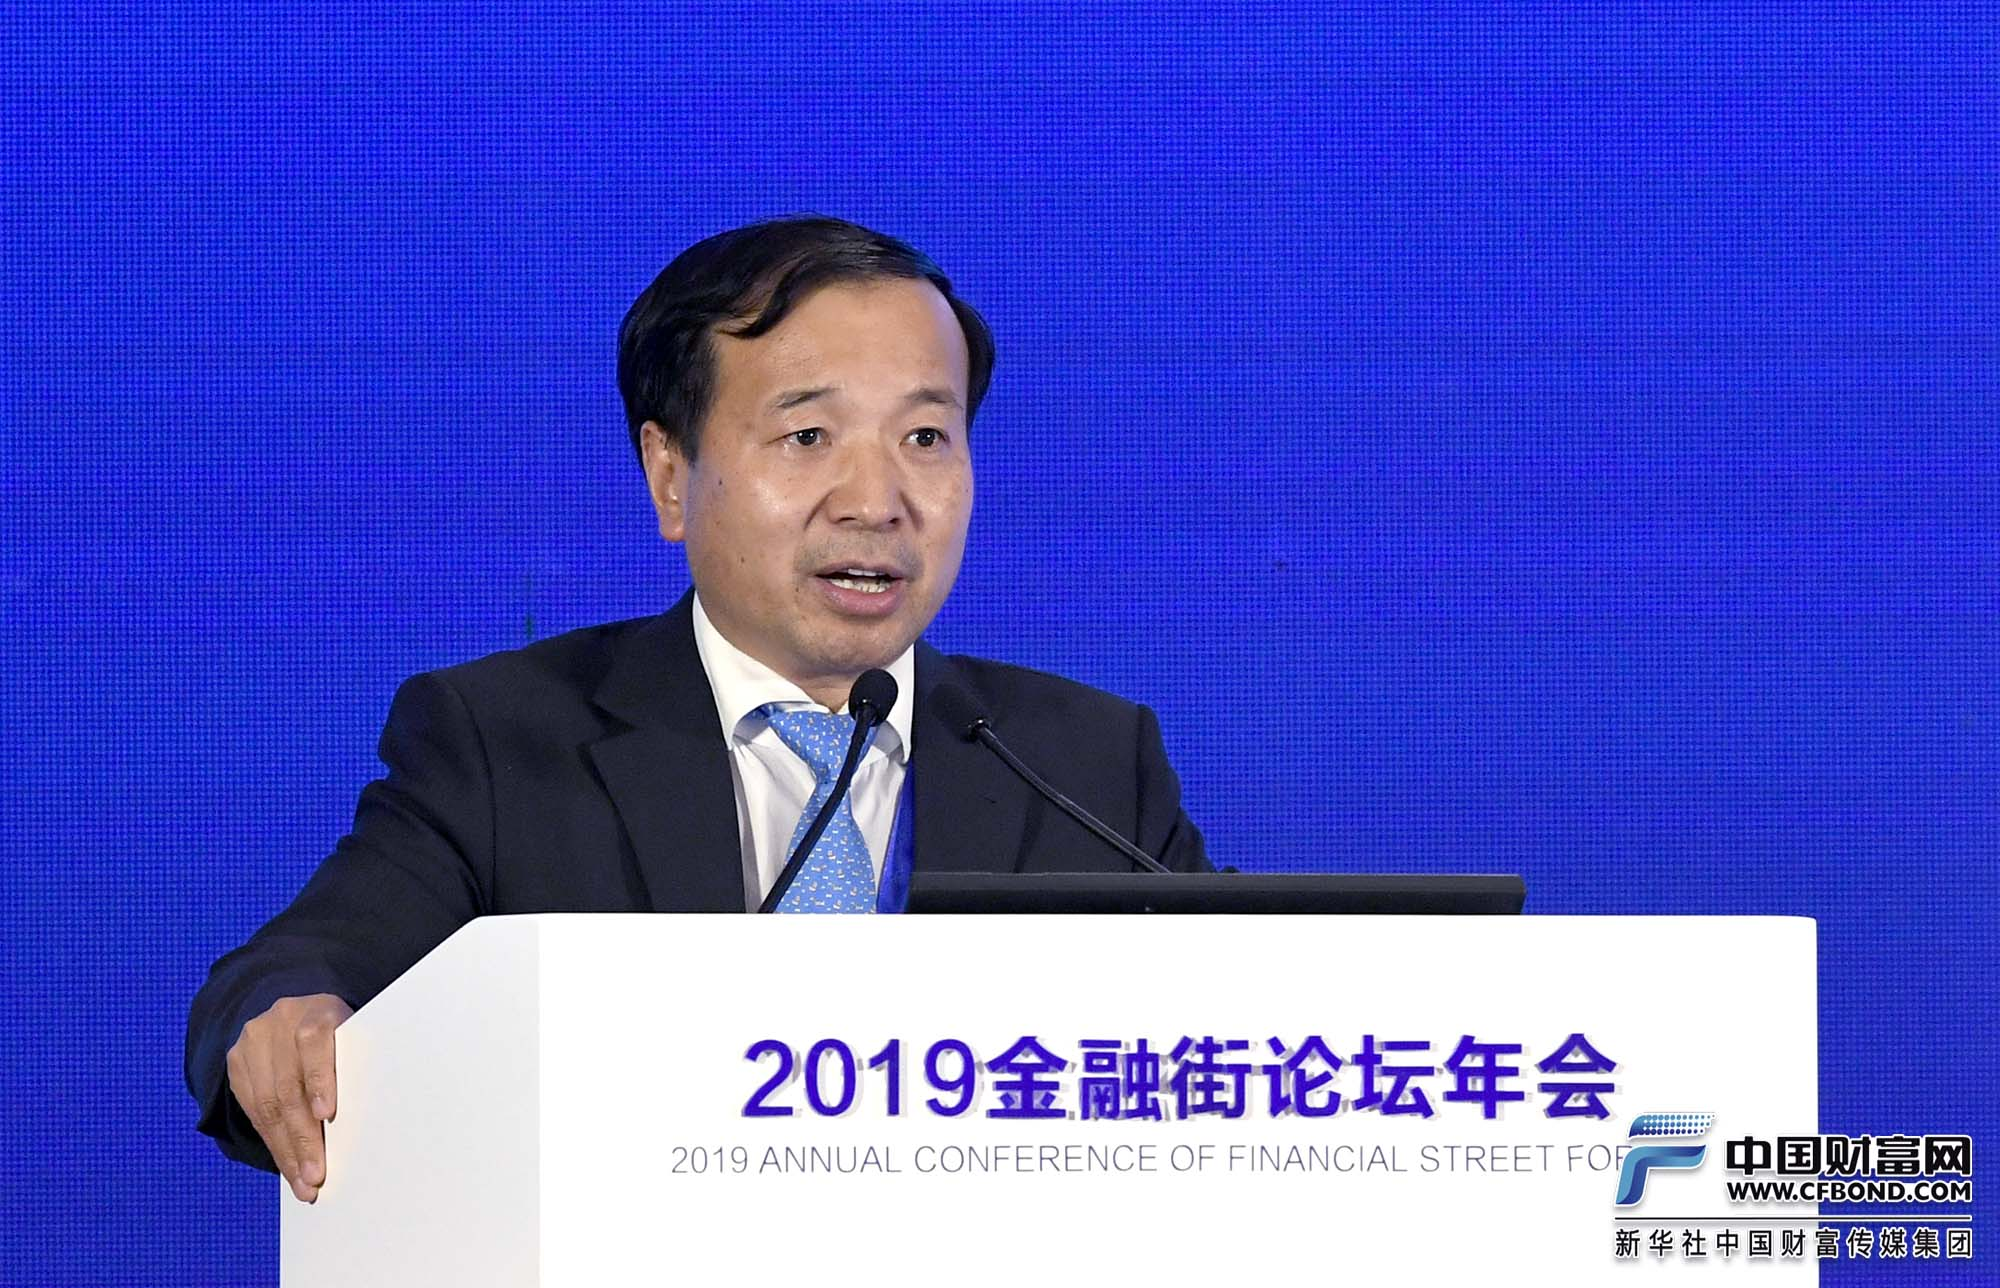 主持人:中国银行首席研究员宗良